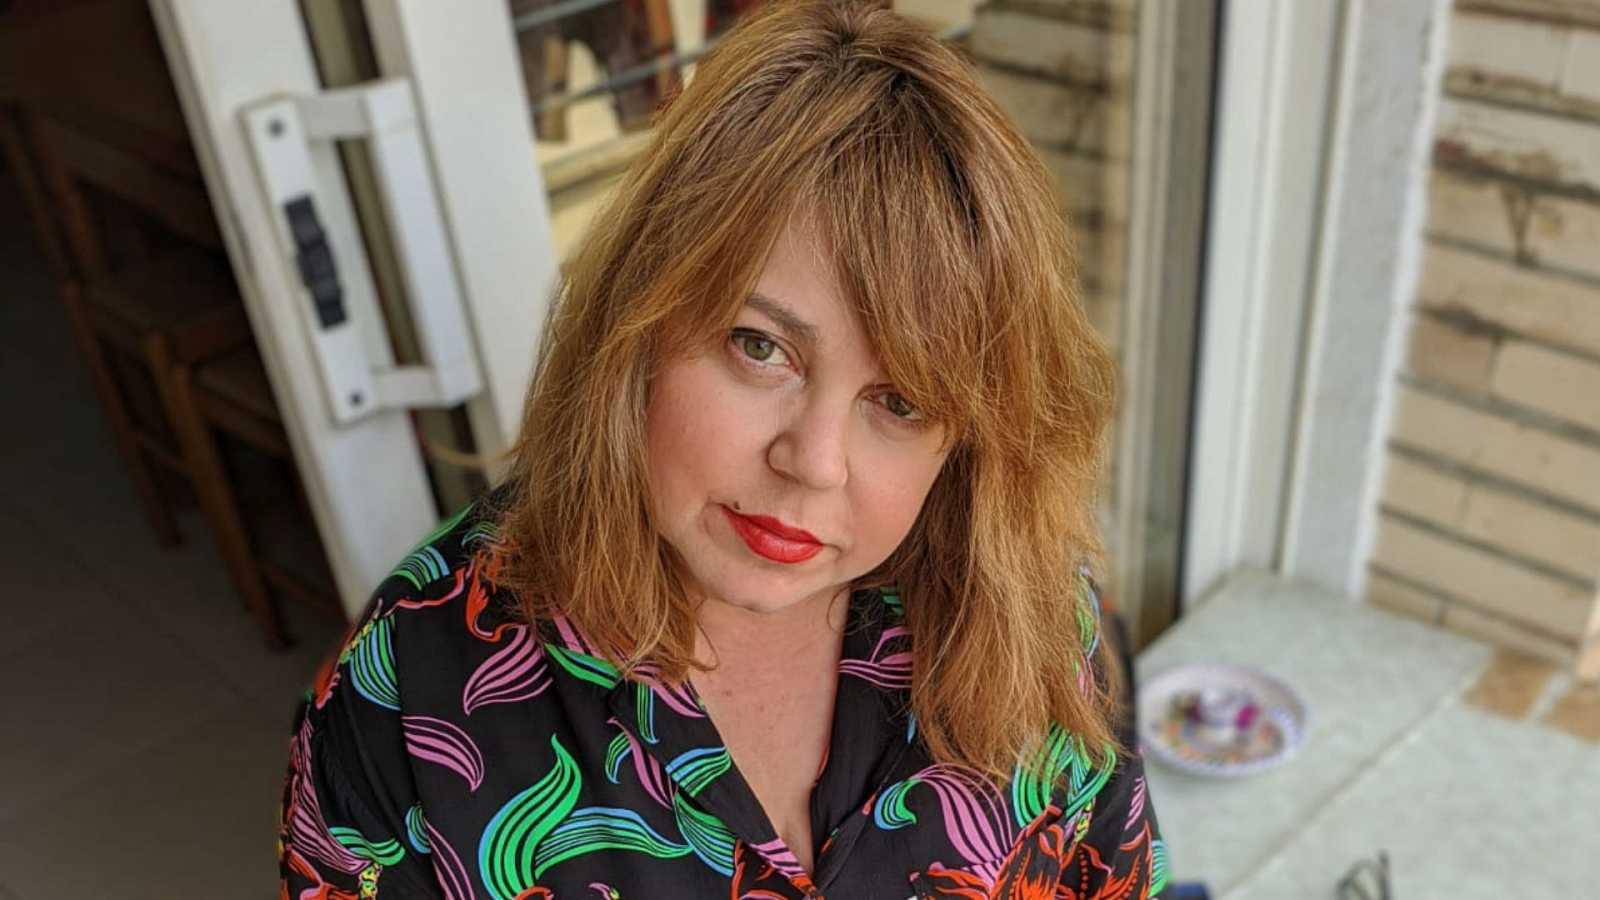 Diálogo y espejo - 'Los últimos románticos' con Txani Rodriguez - 03/10/20 - escuchar ahora